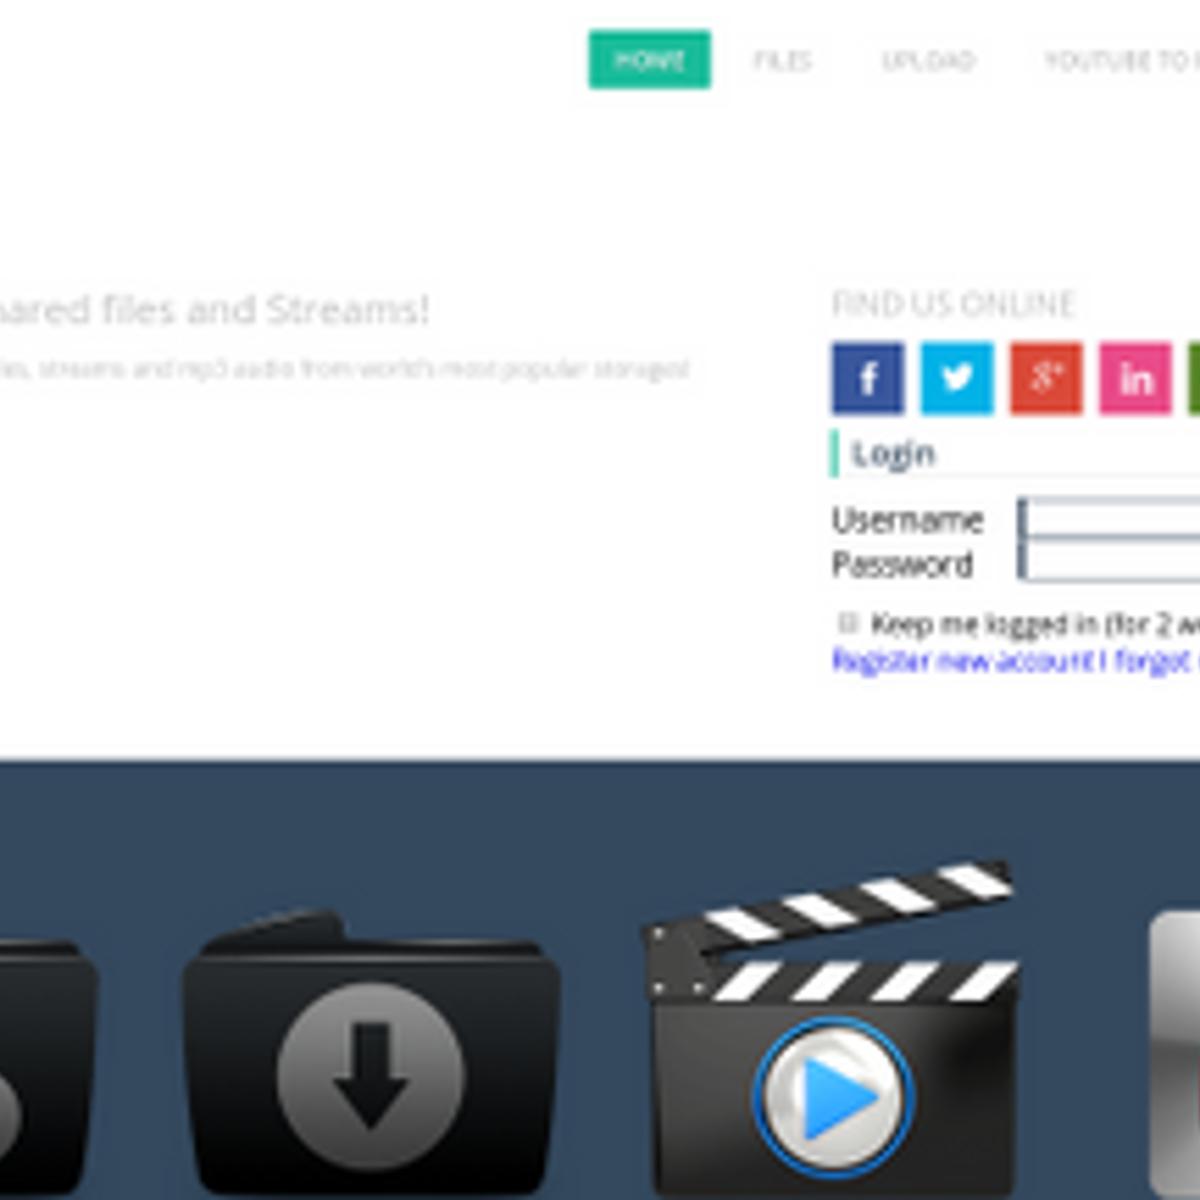 TraDownload Alternatives and Similar Software - AlternativeTo net